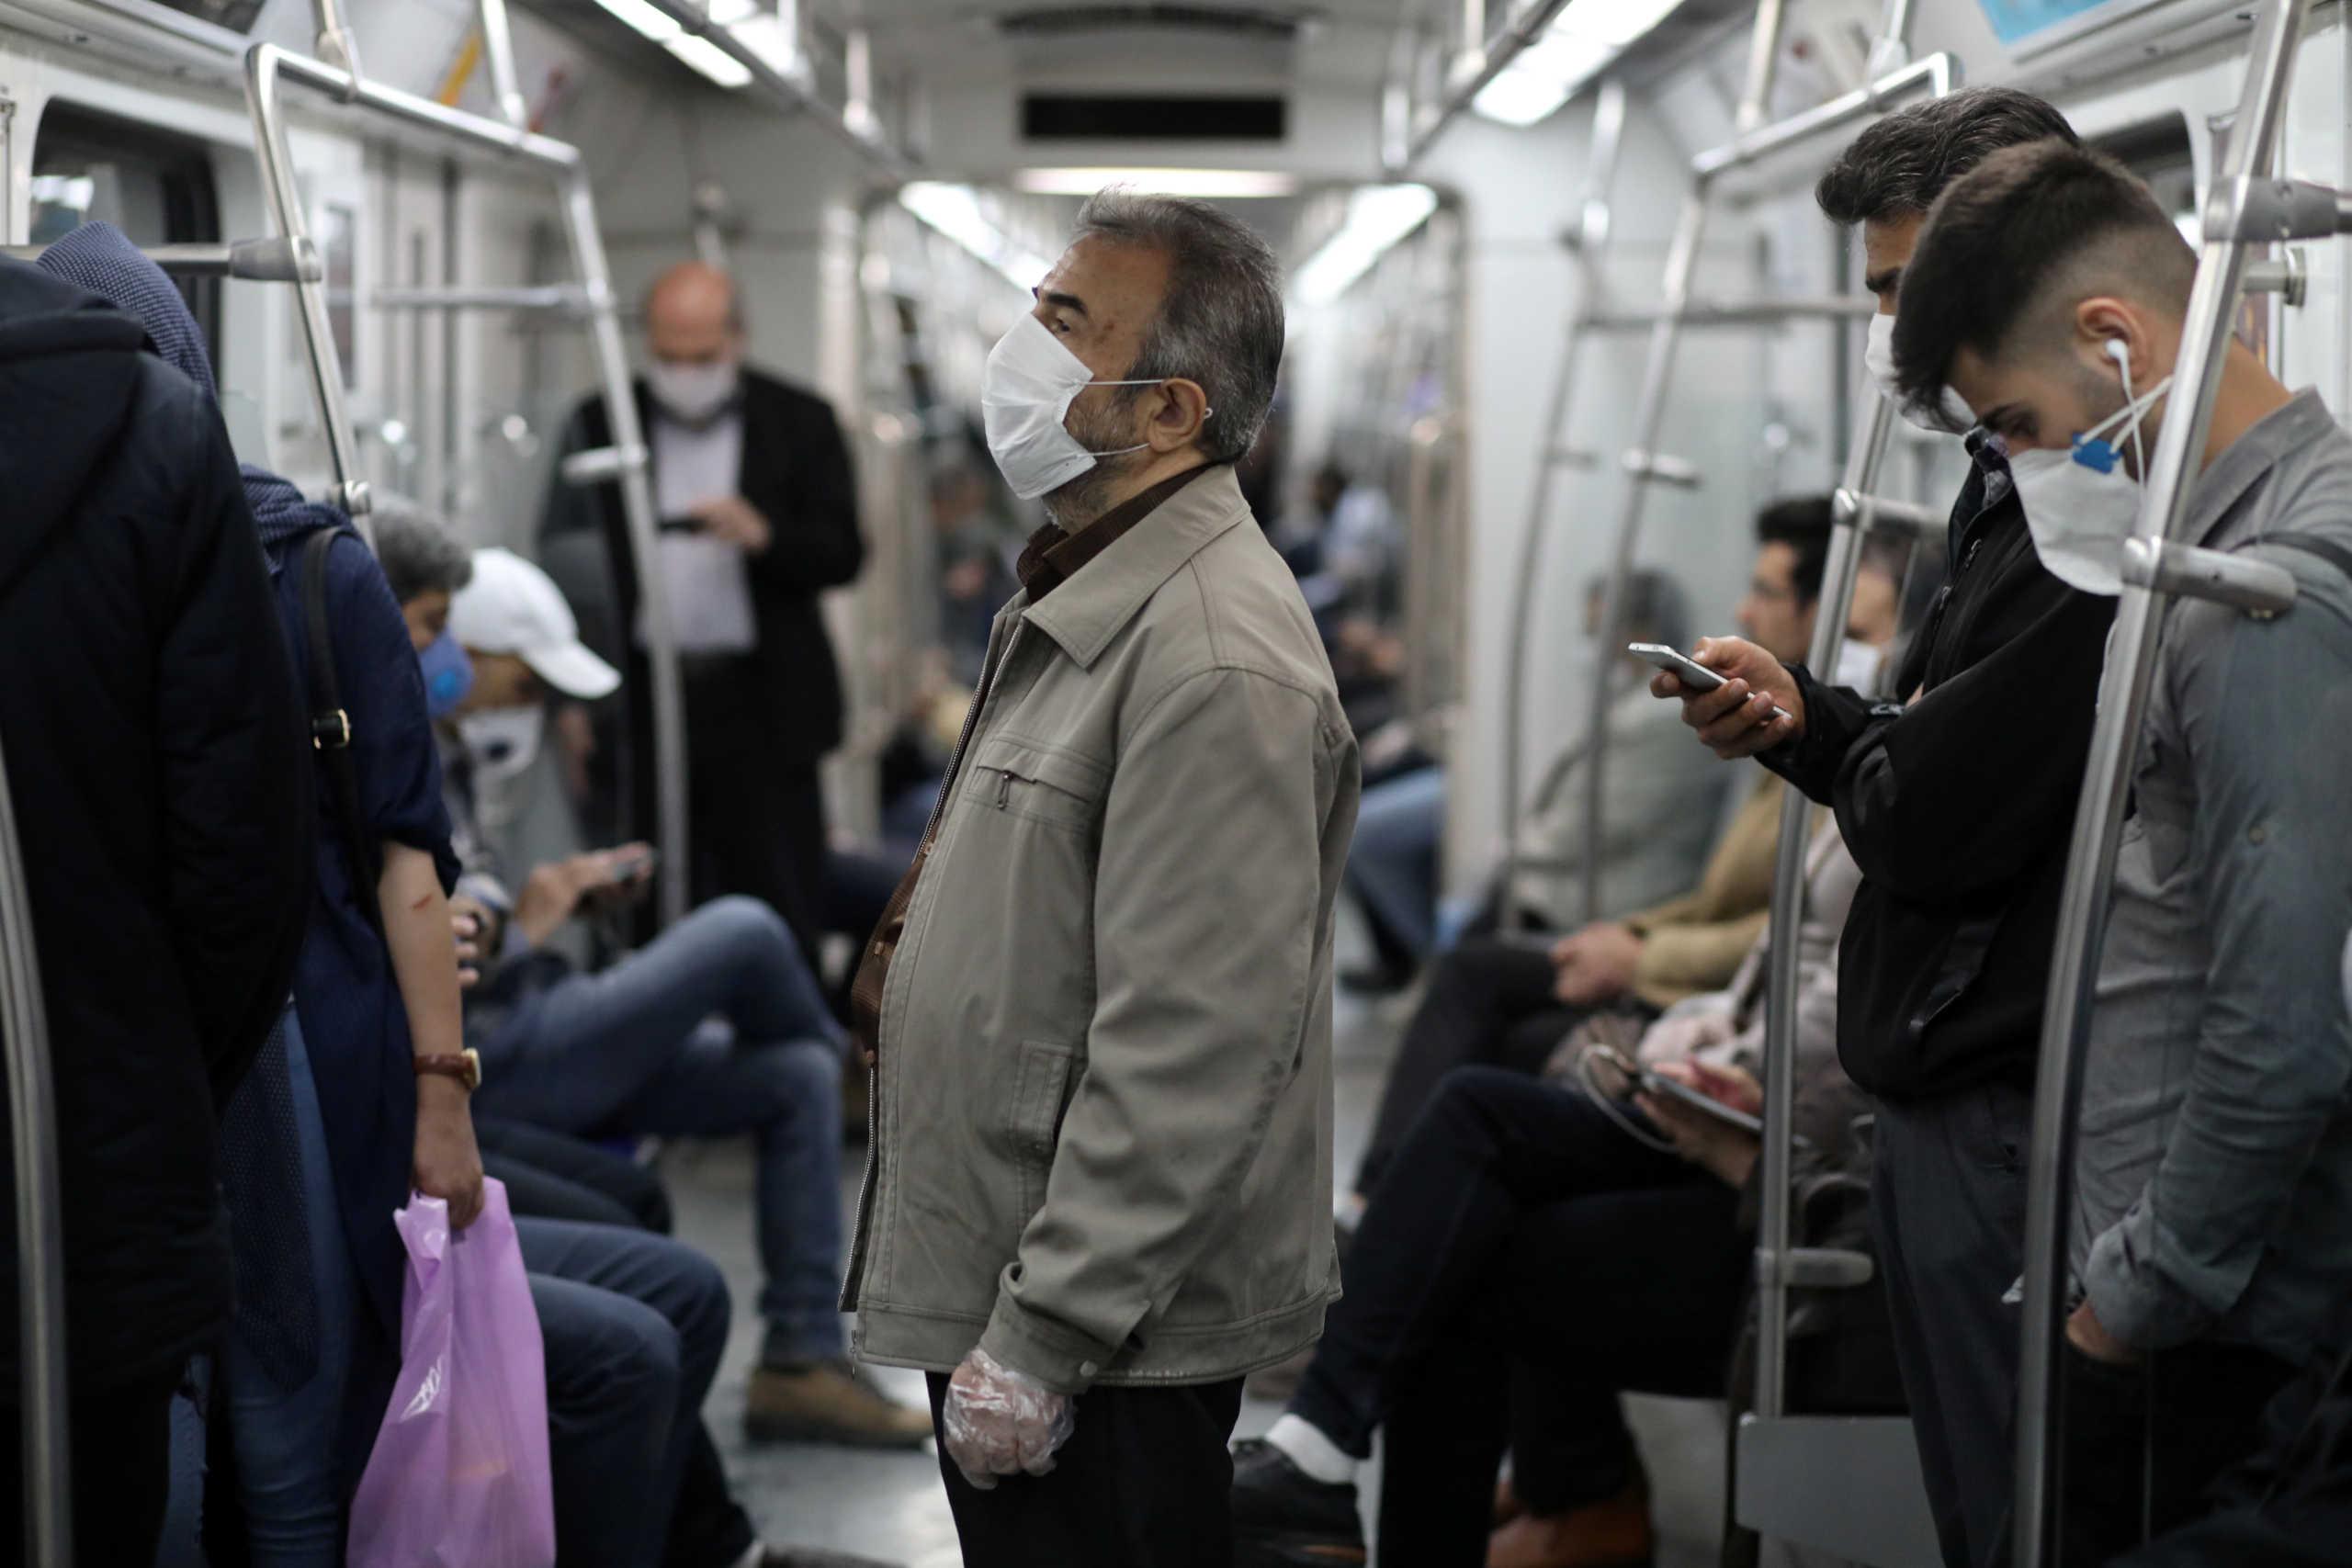 Βίντεο δείχνει… πολύ τρομακτικά γιατί πρέπει να φοράμε μάσκα στα Μέσα Μεταφοράς